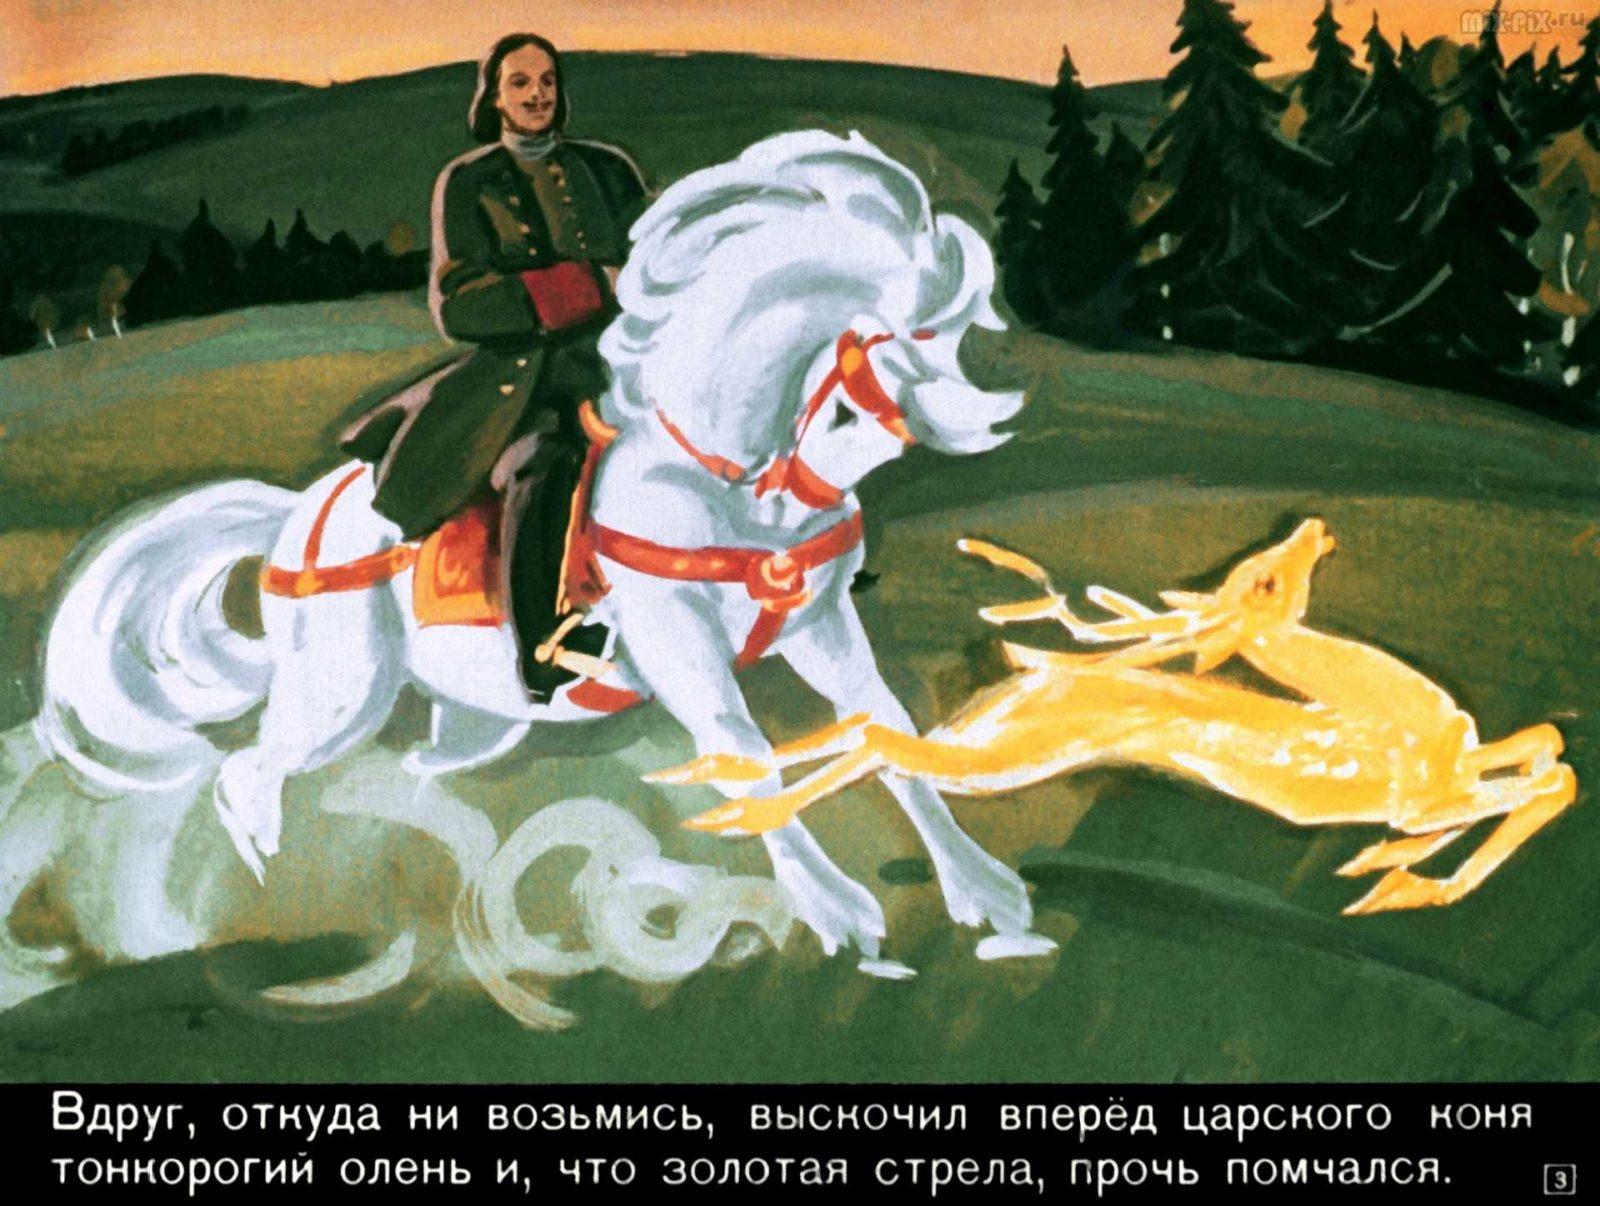 Сказка о бывалом солдате, царе и двенадцати разбойниках (1969) 24